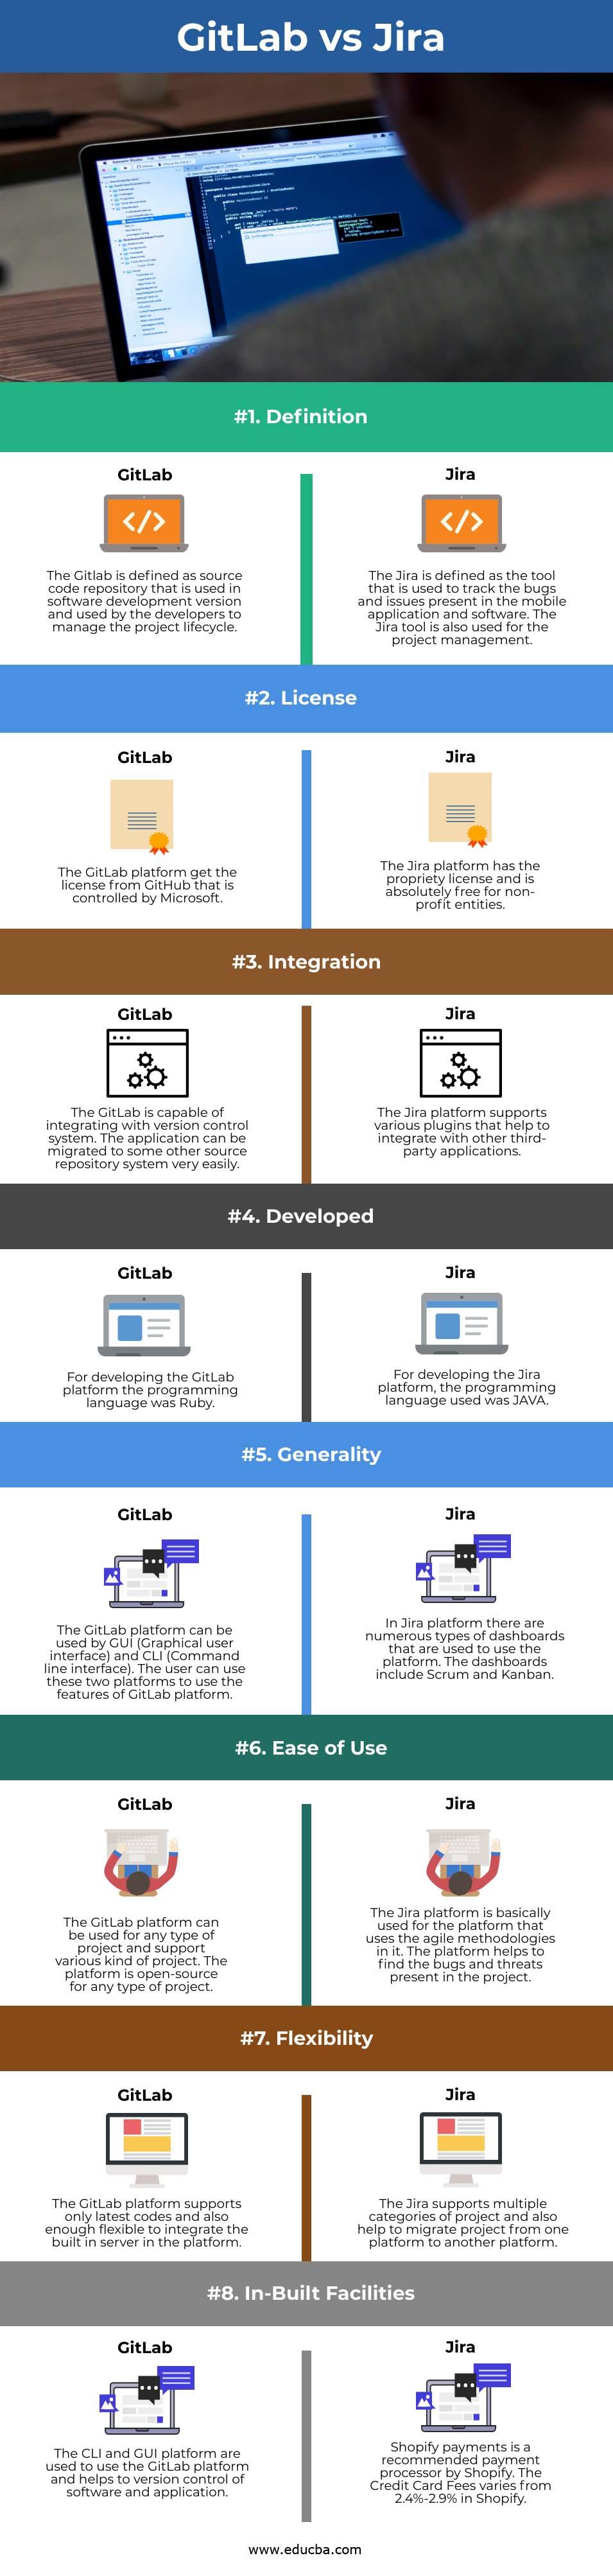 GitLab vs Jira info